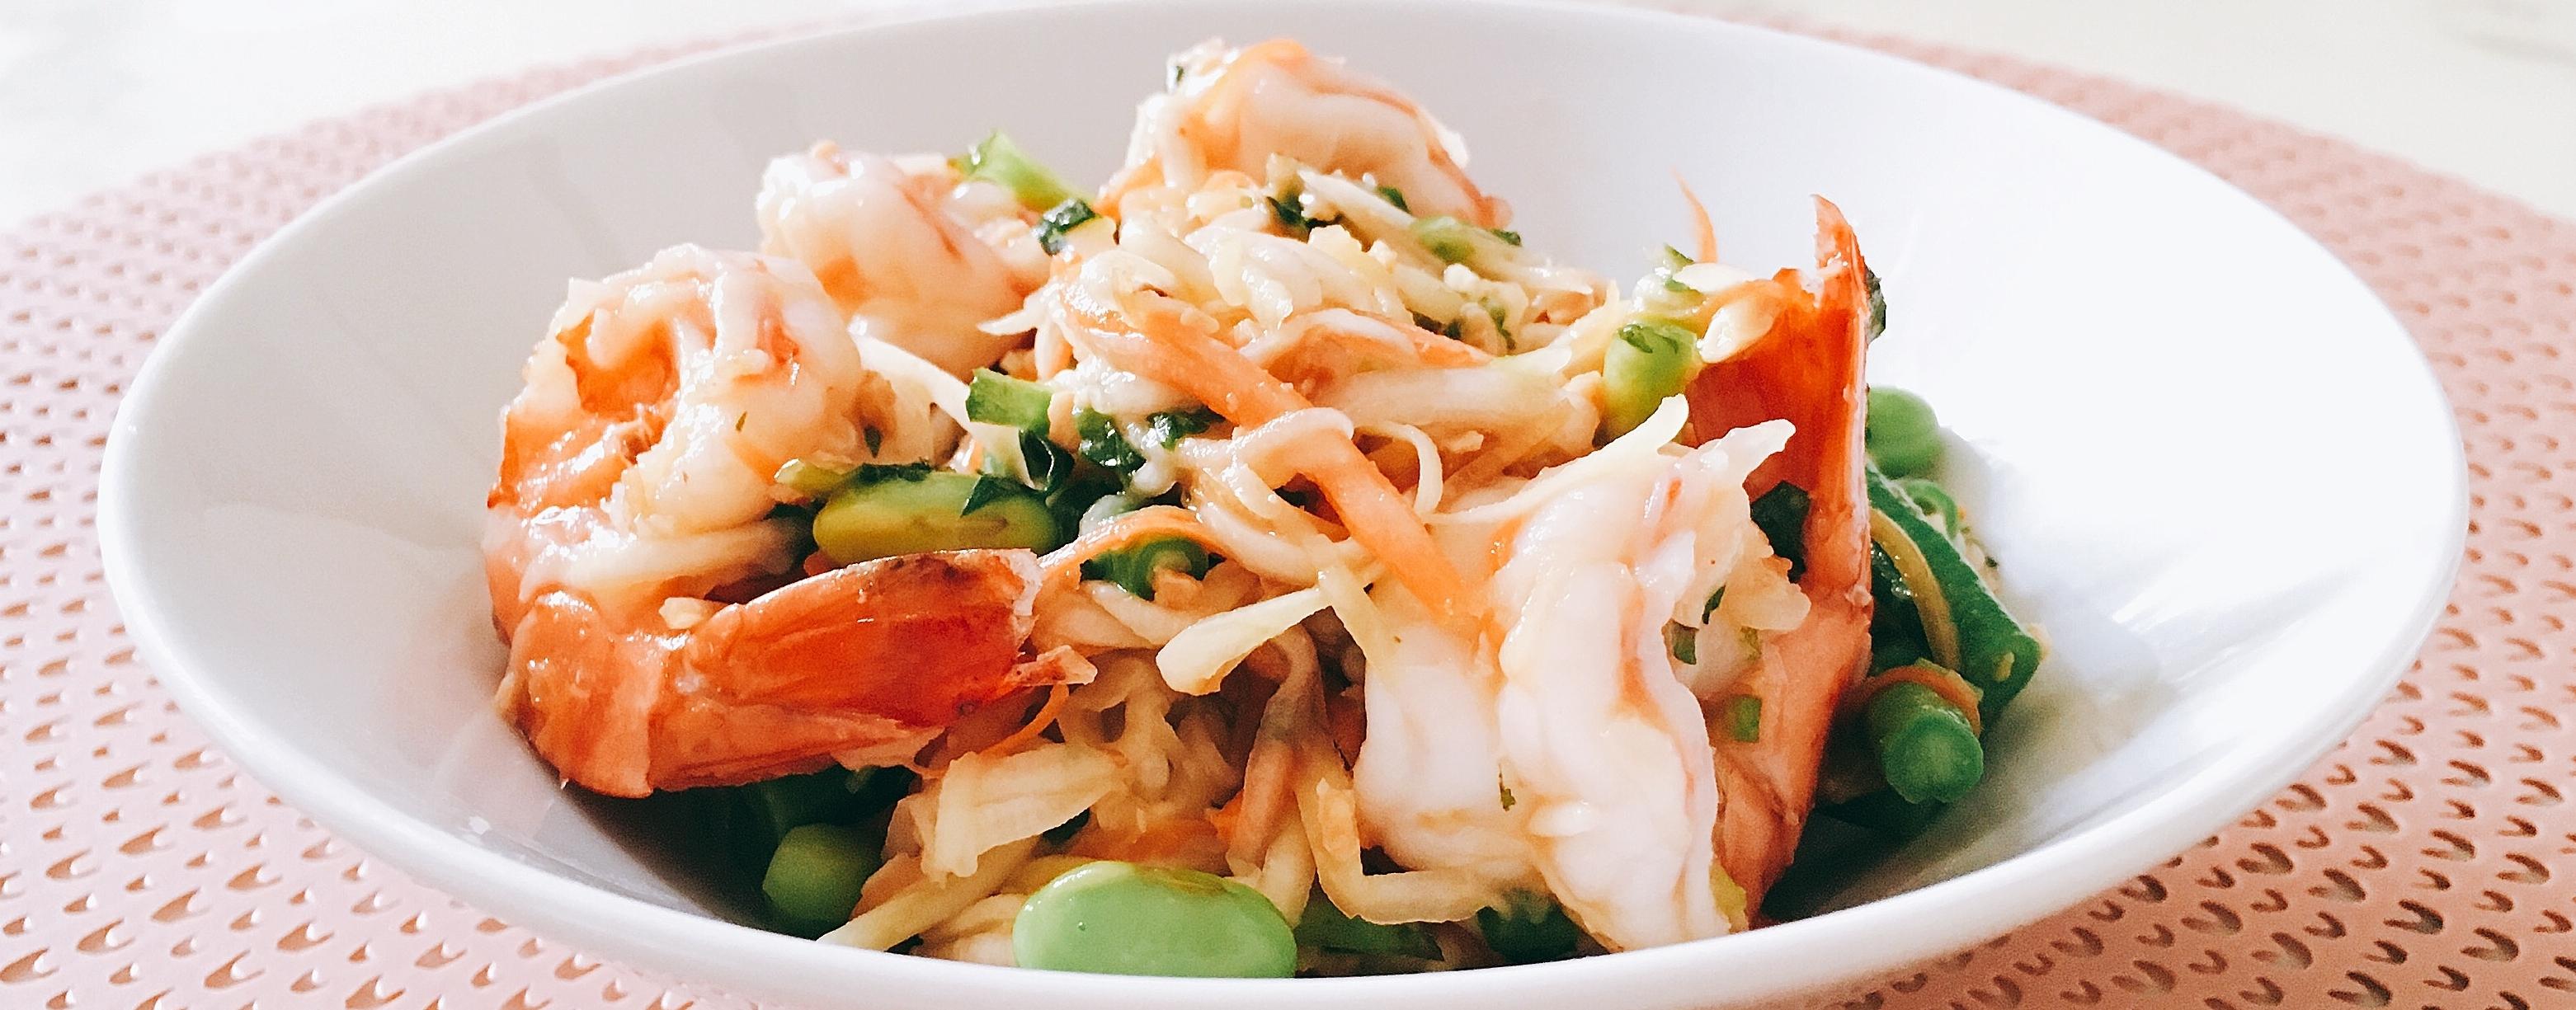 Salade Thaï aux crevettes et mangue verte